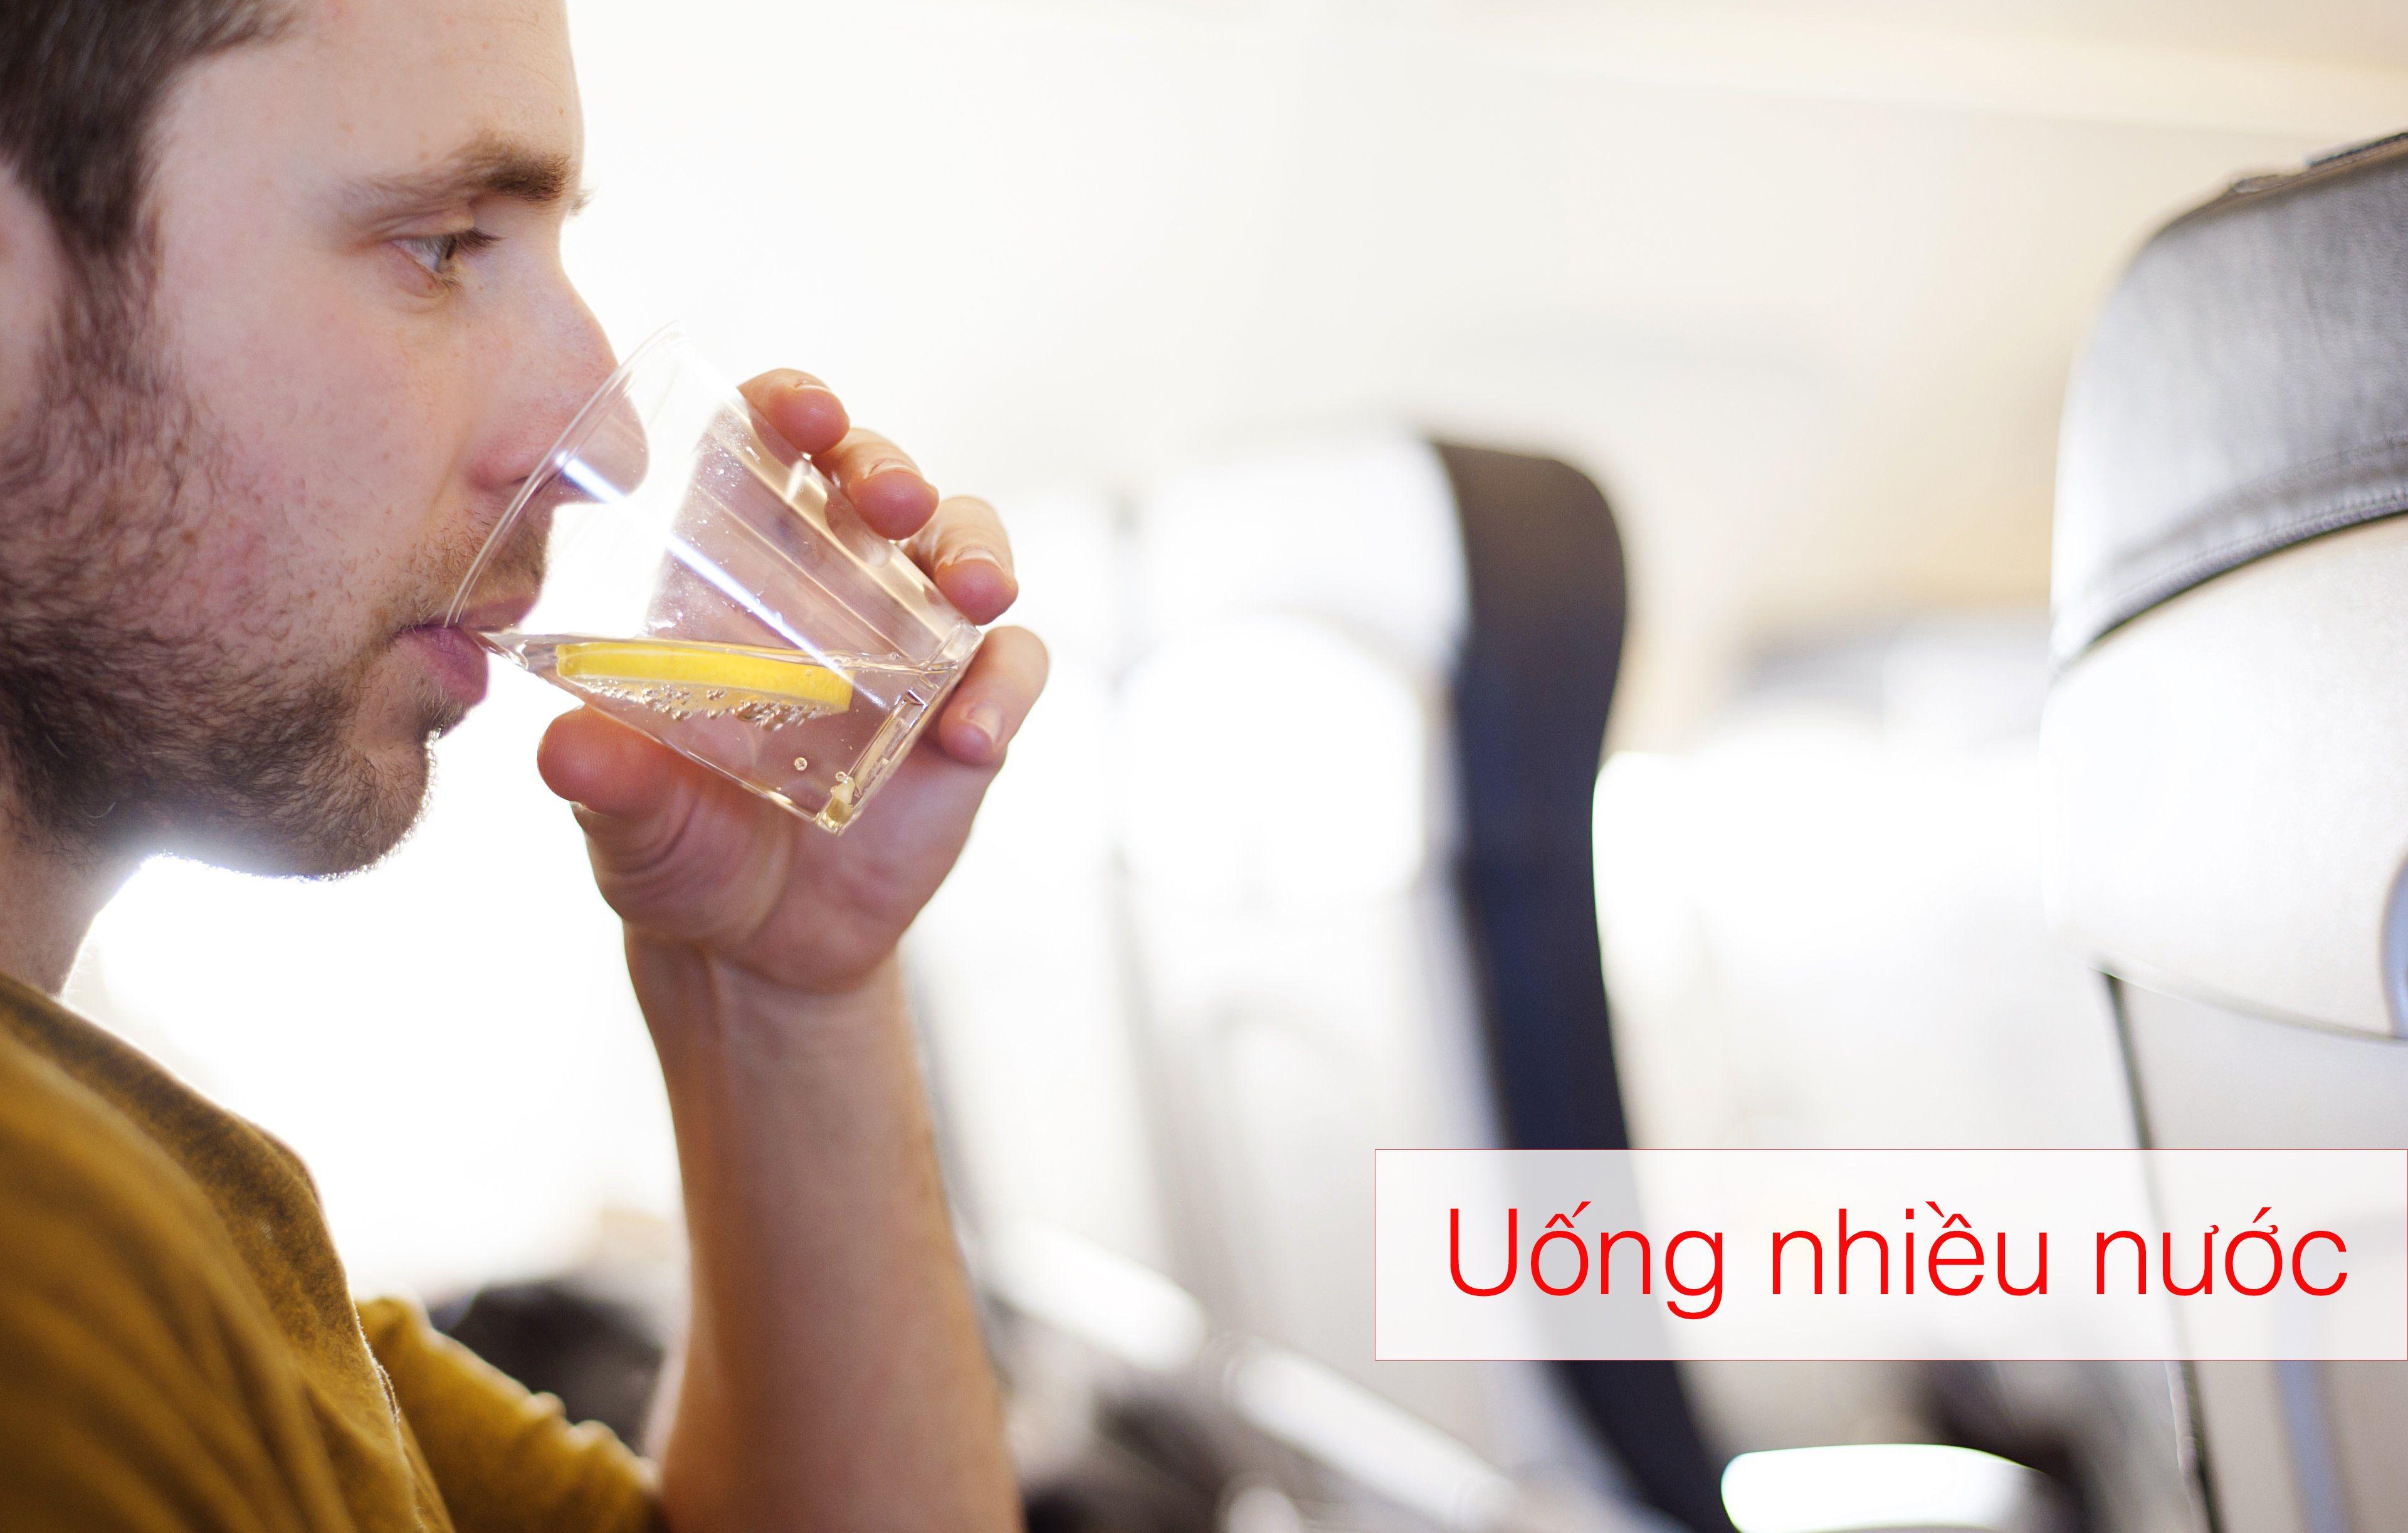 Uống nhiều nước - chống say máy bay